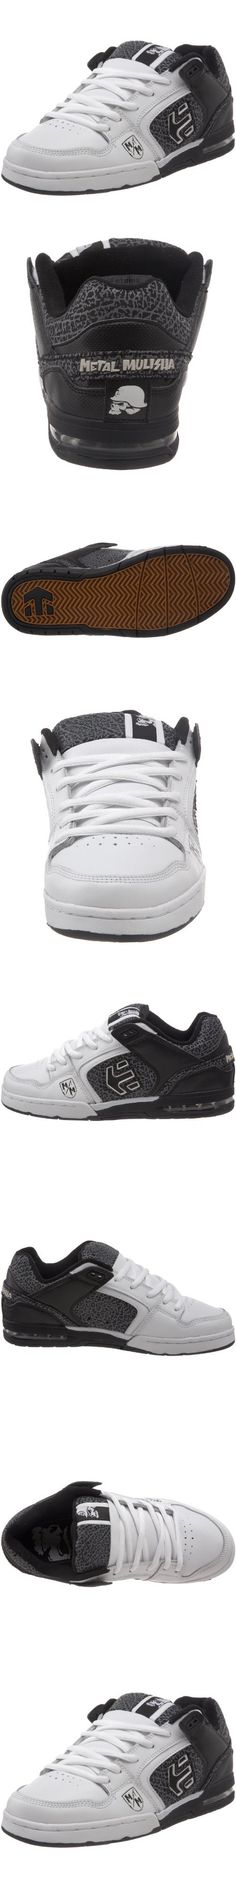 0eba94f01d47d Etnies Men s Chrome 02 Skate Shoe